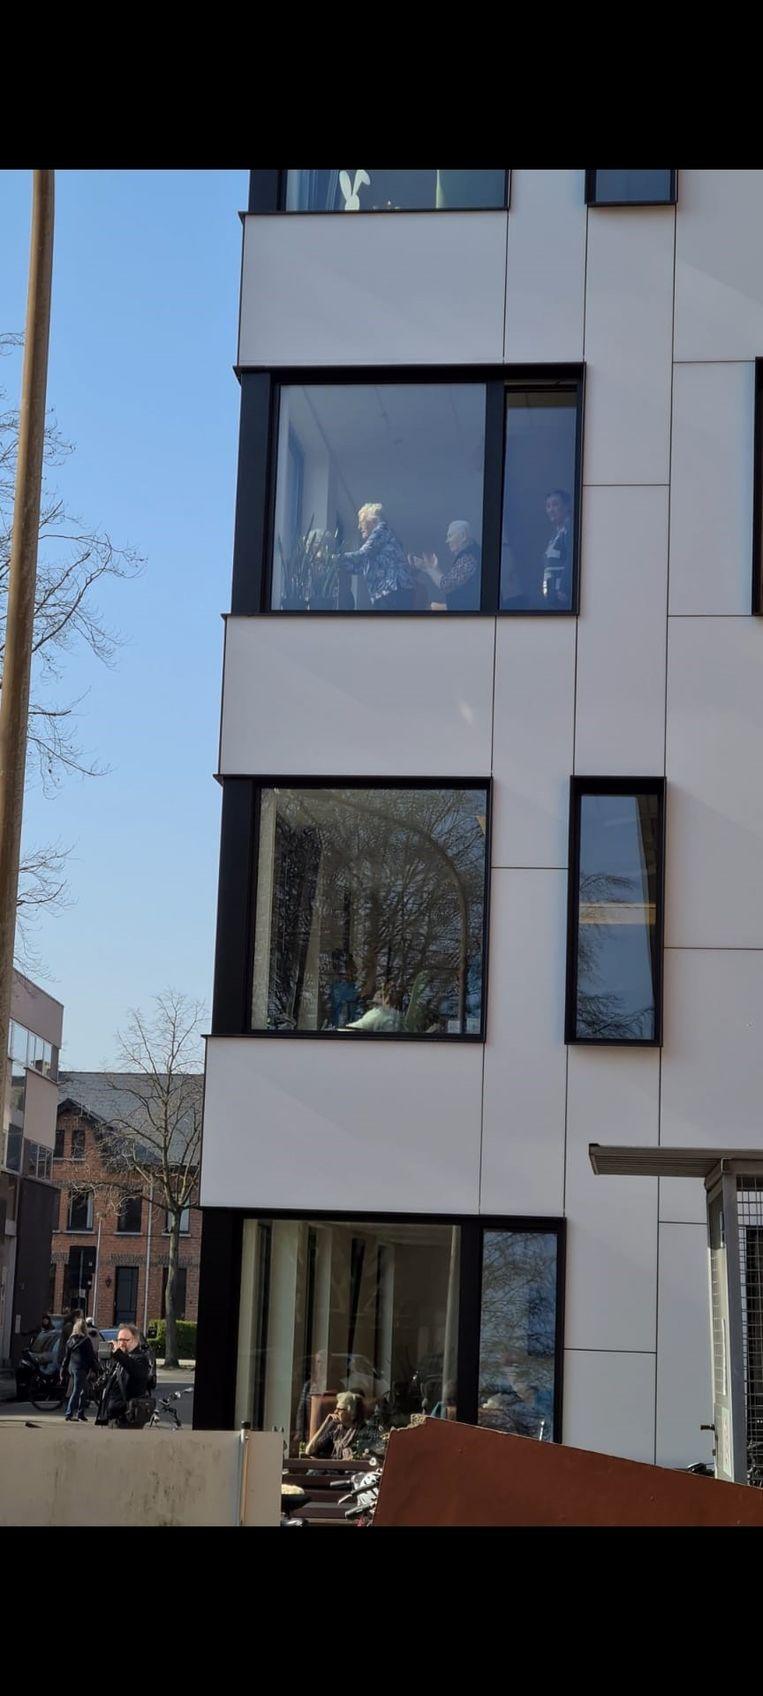 De bewoners van de woonzorgcentra genoten van achter hun raam van de muziek